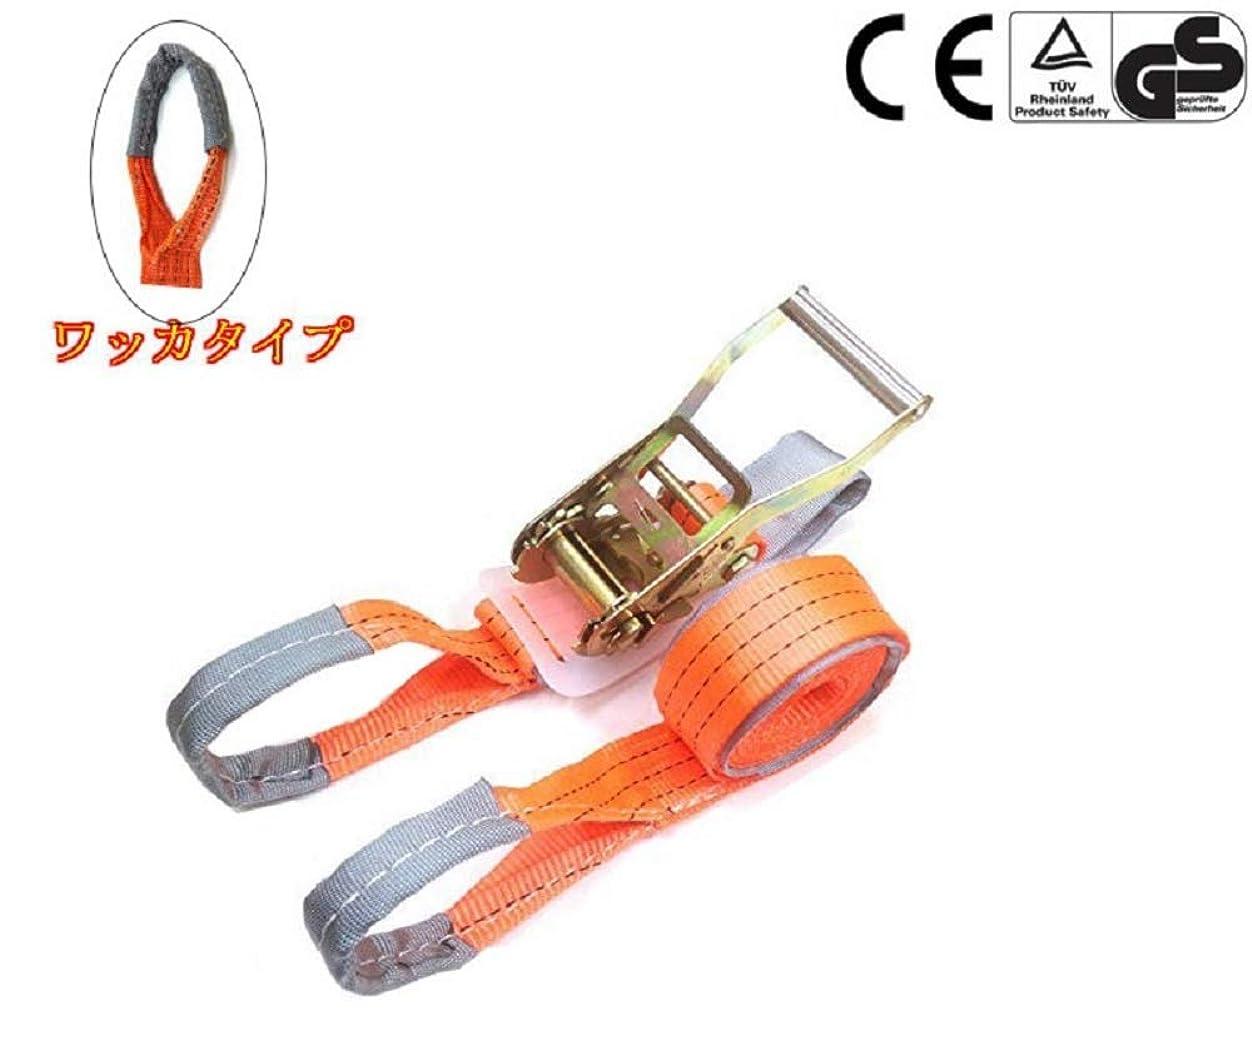 ベストアンサー ラッシングベルト ワッカ ベルト幅50mm 固定側1m 巻側6m ラチェット式荷締めベルト ラッシング